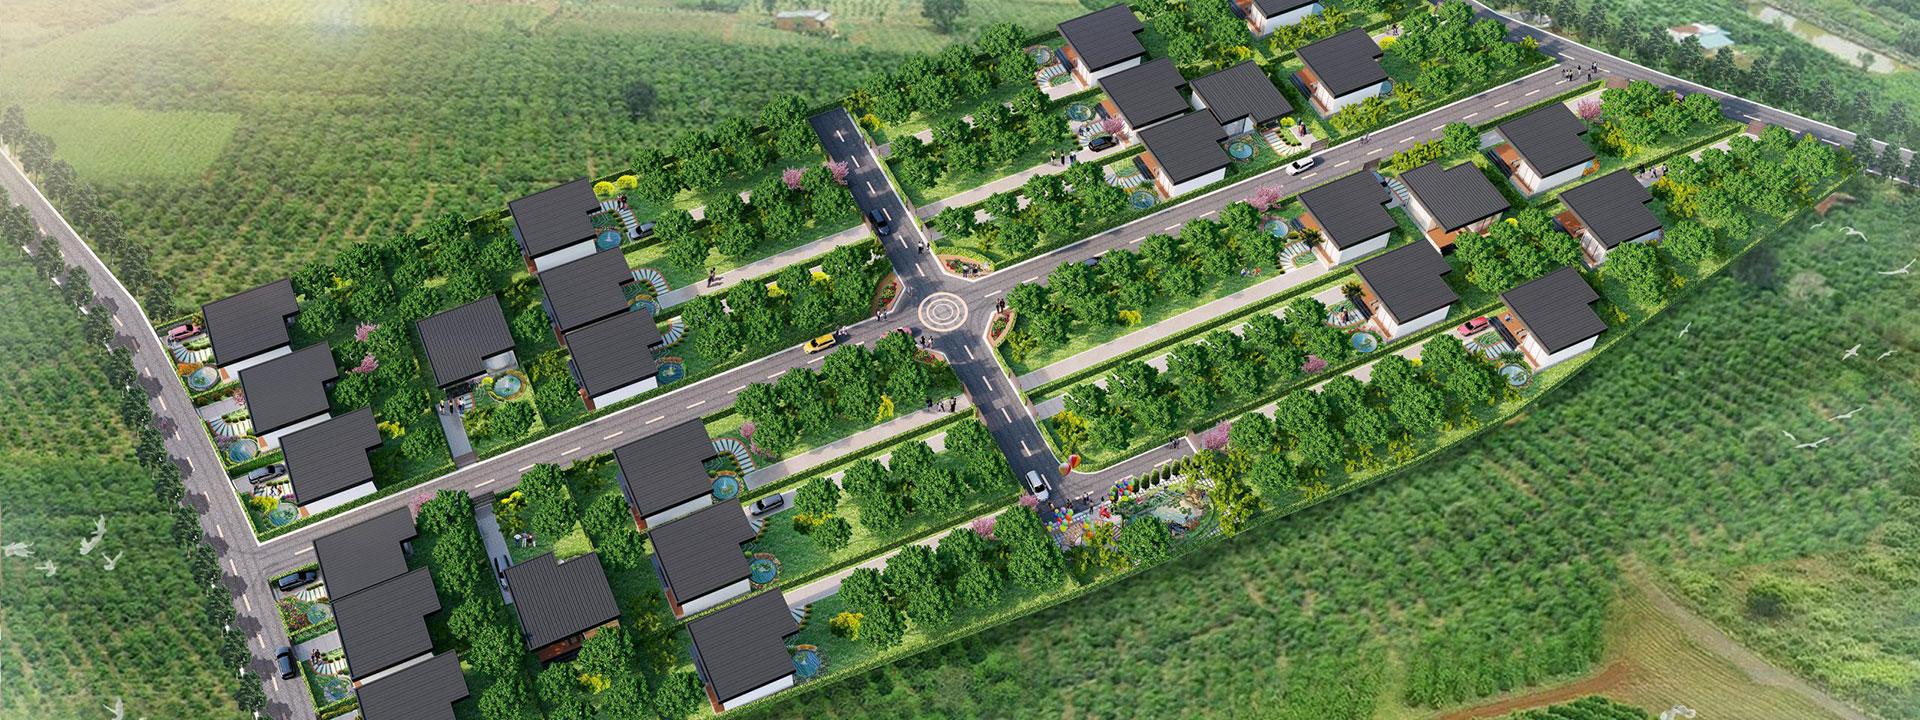 Phối cảnh dự án The Green Farmhouses